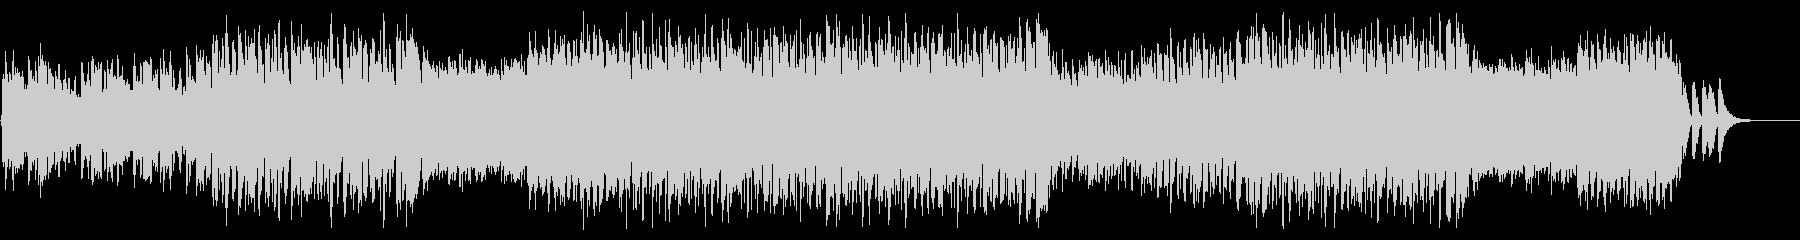 カッコカワイイ系デジロックの未再生の波形